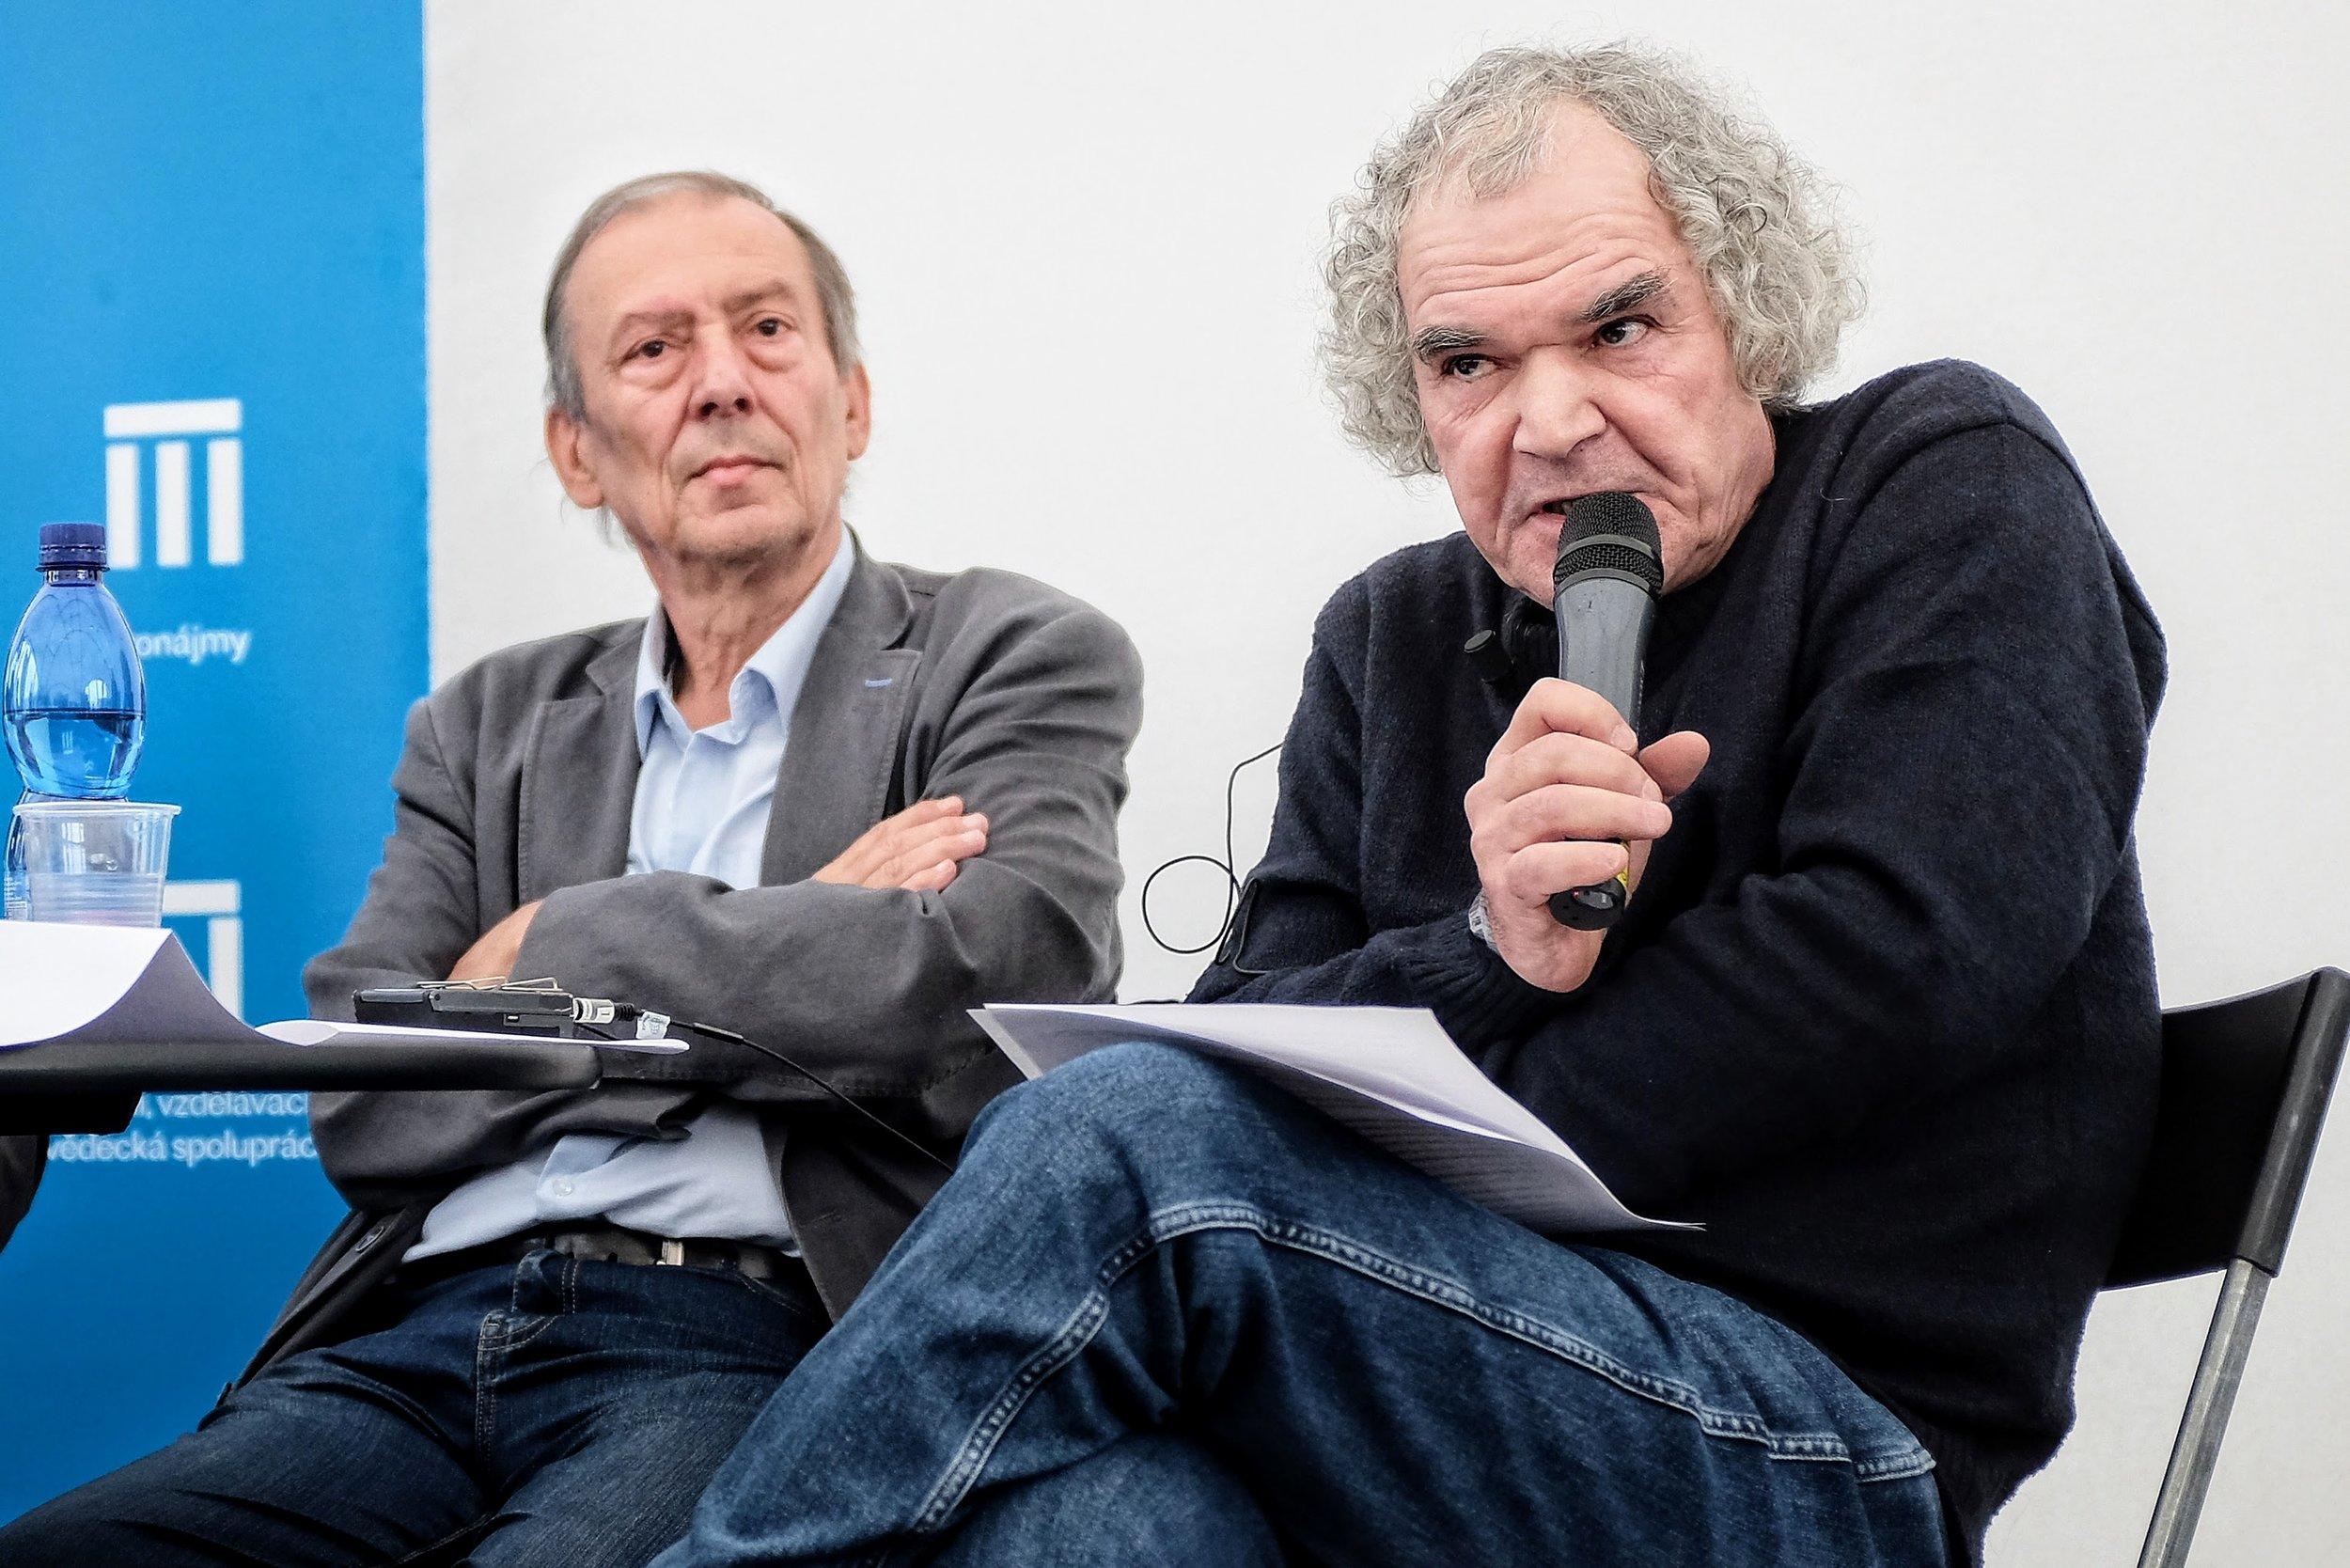 Czech author Patrik Ouředník and Jiří Pelán